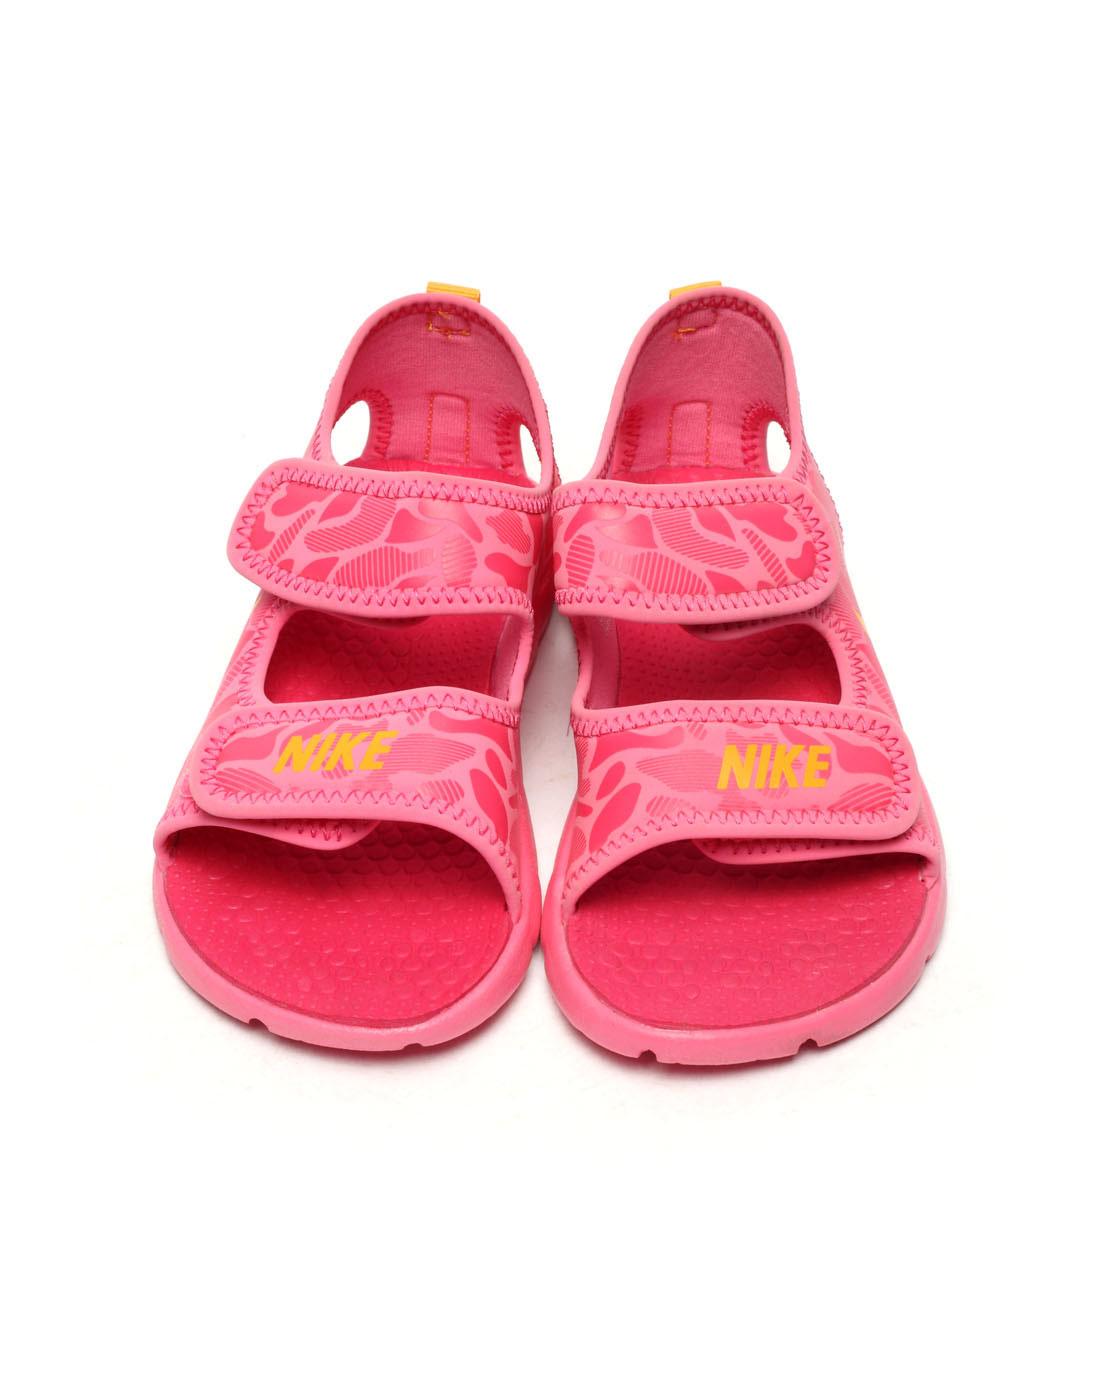 玫红色凉鞋443372-600